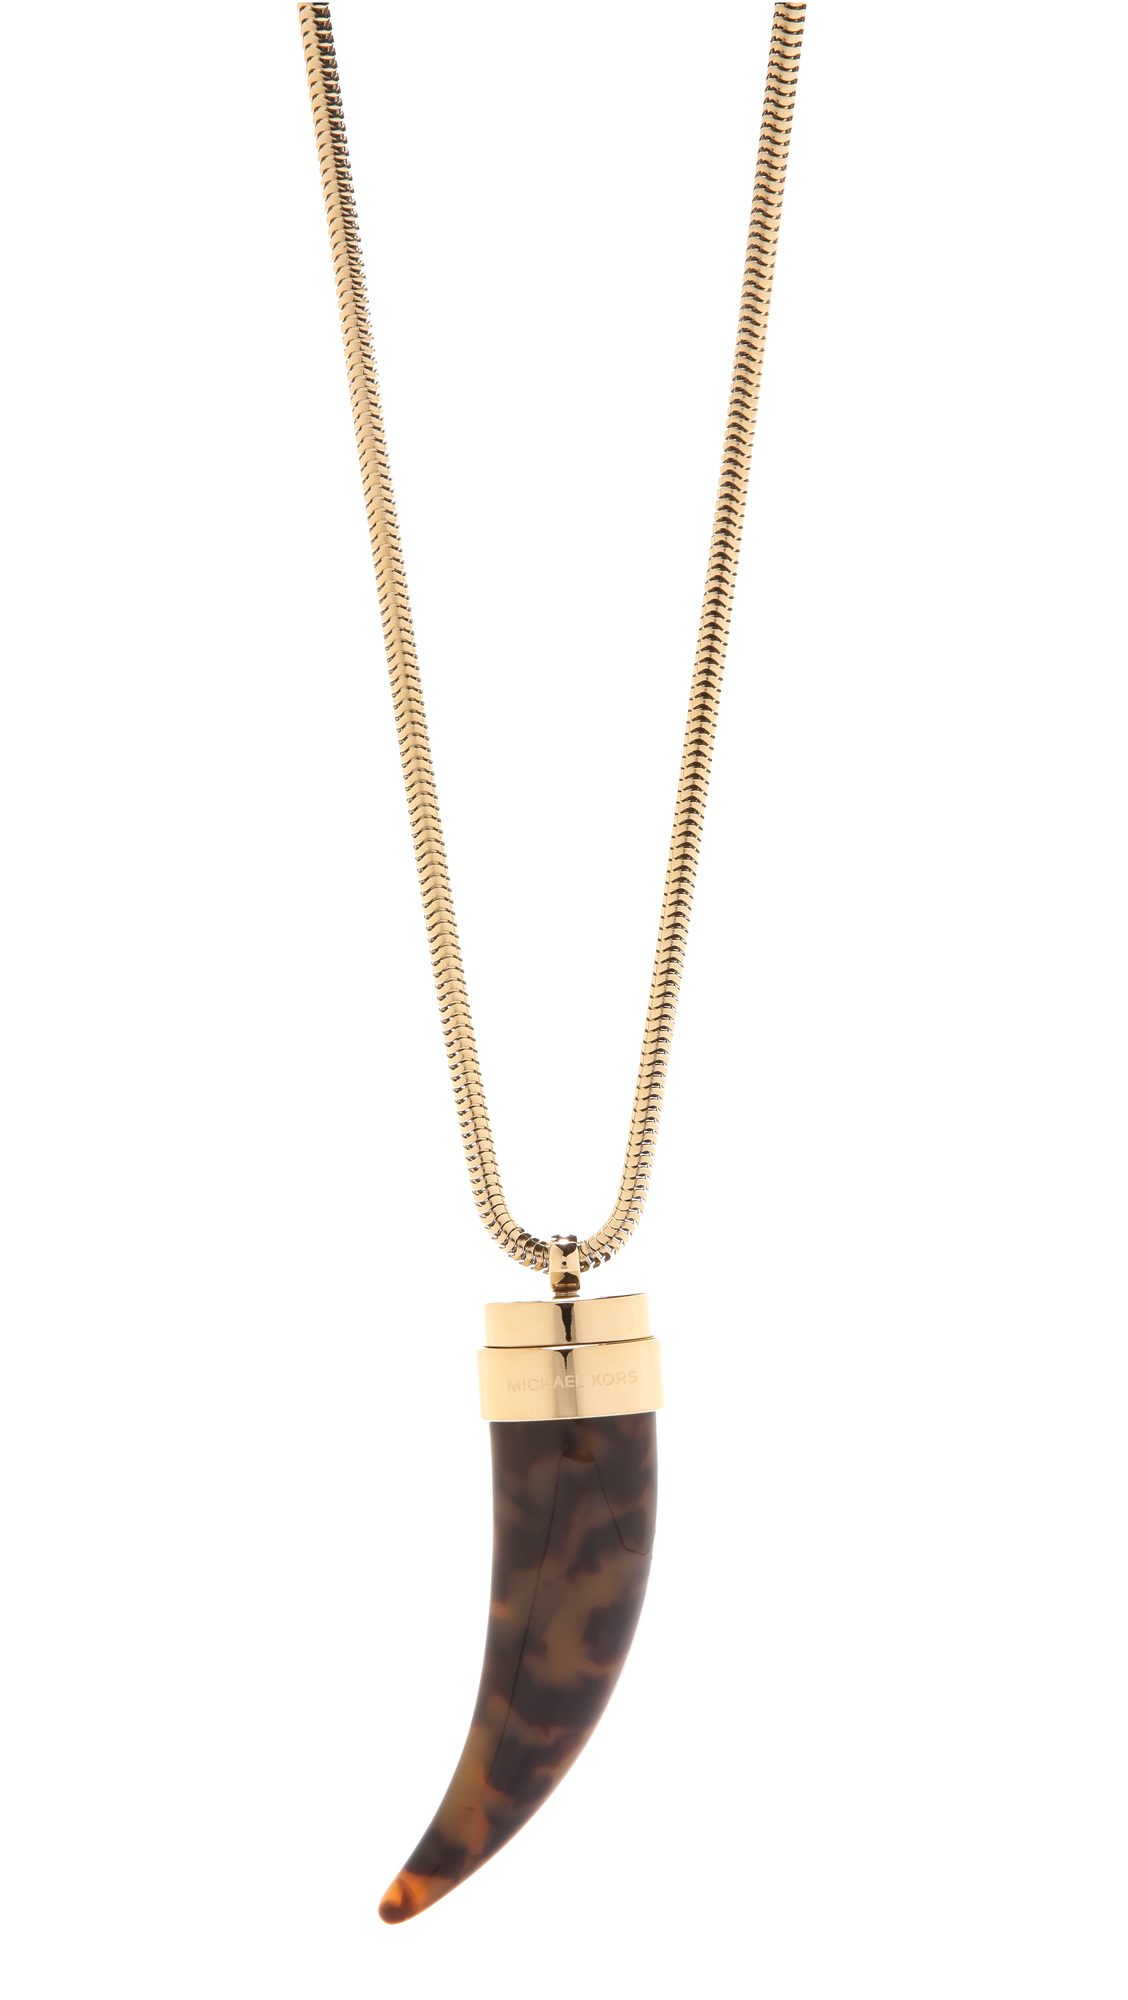 Lyst - Michael Kors Tortoise Horn Pendant Necklace in Black